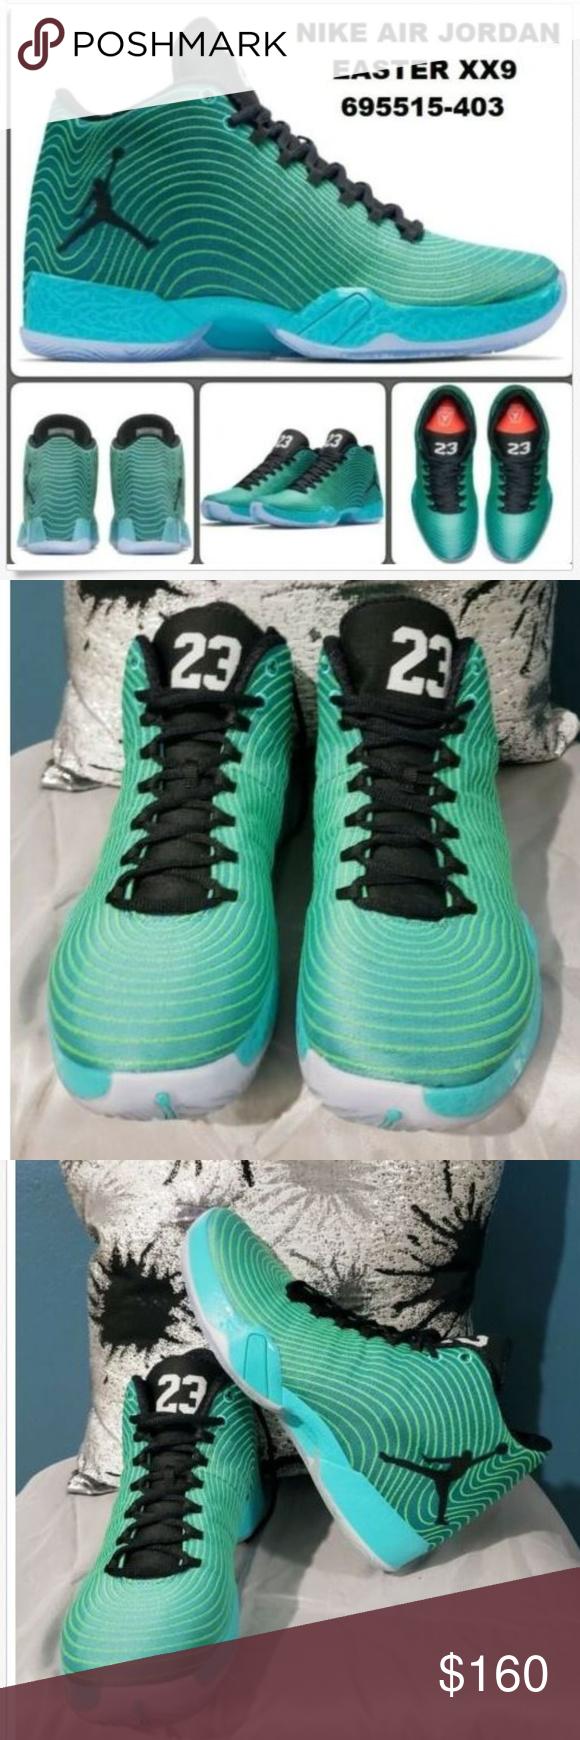 00658ff4cb2f Nike Air Jordan XX9 29 Easter Retro Nike Air Jordan XX9 29 Easter Retro  Black-